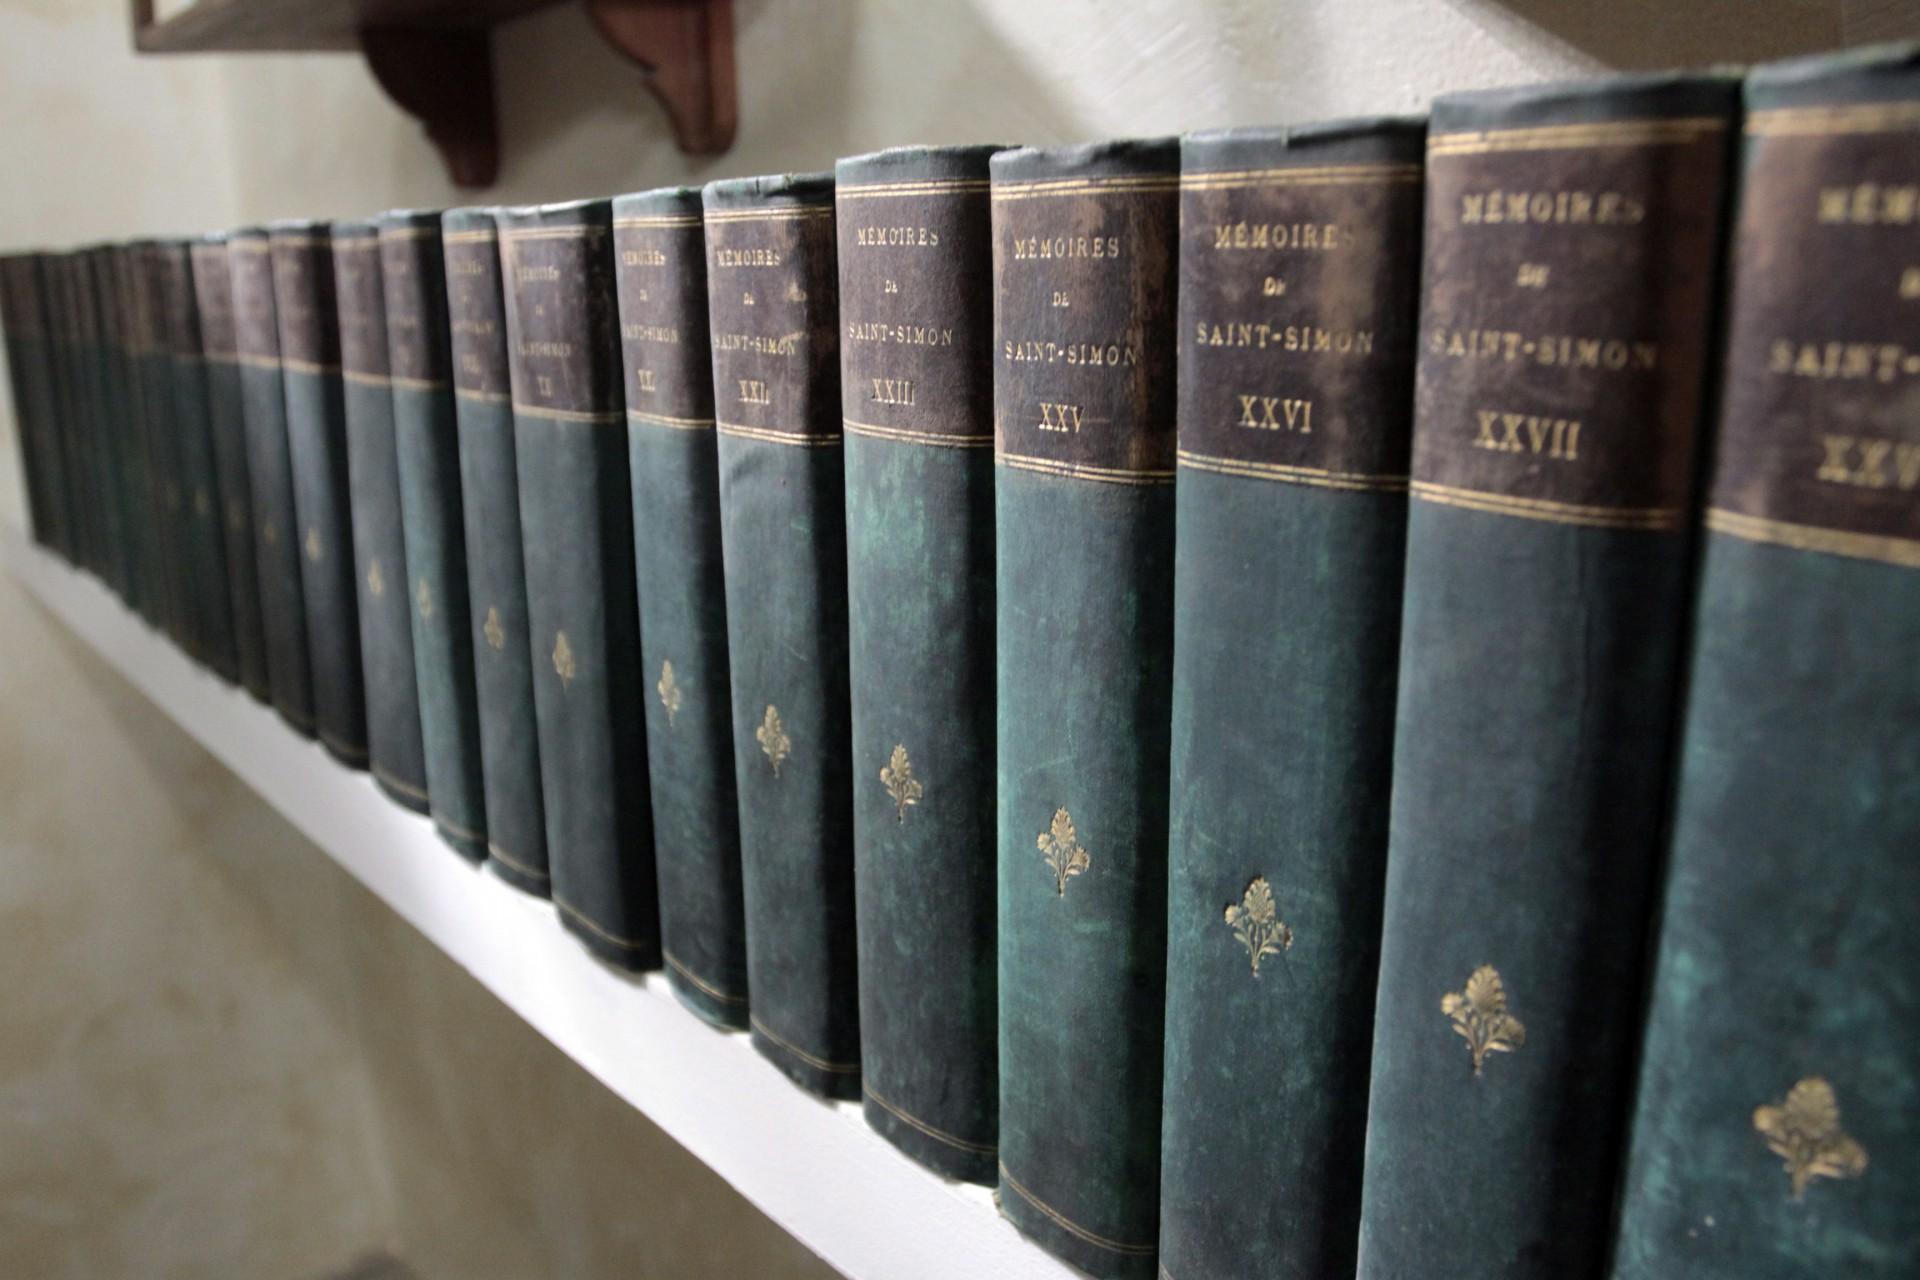 Livros: No OP+, você também encontra e-books, com ensaios, literatura e biografias.